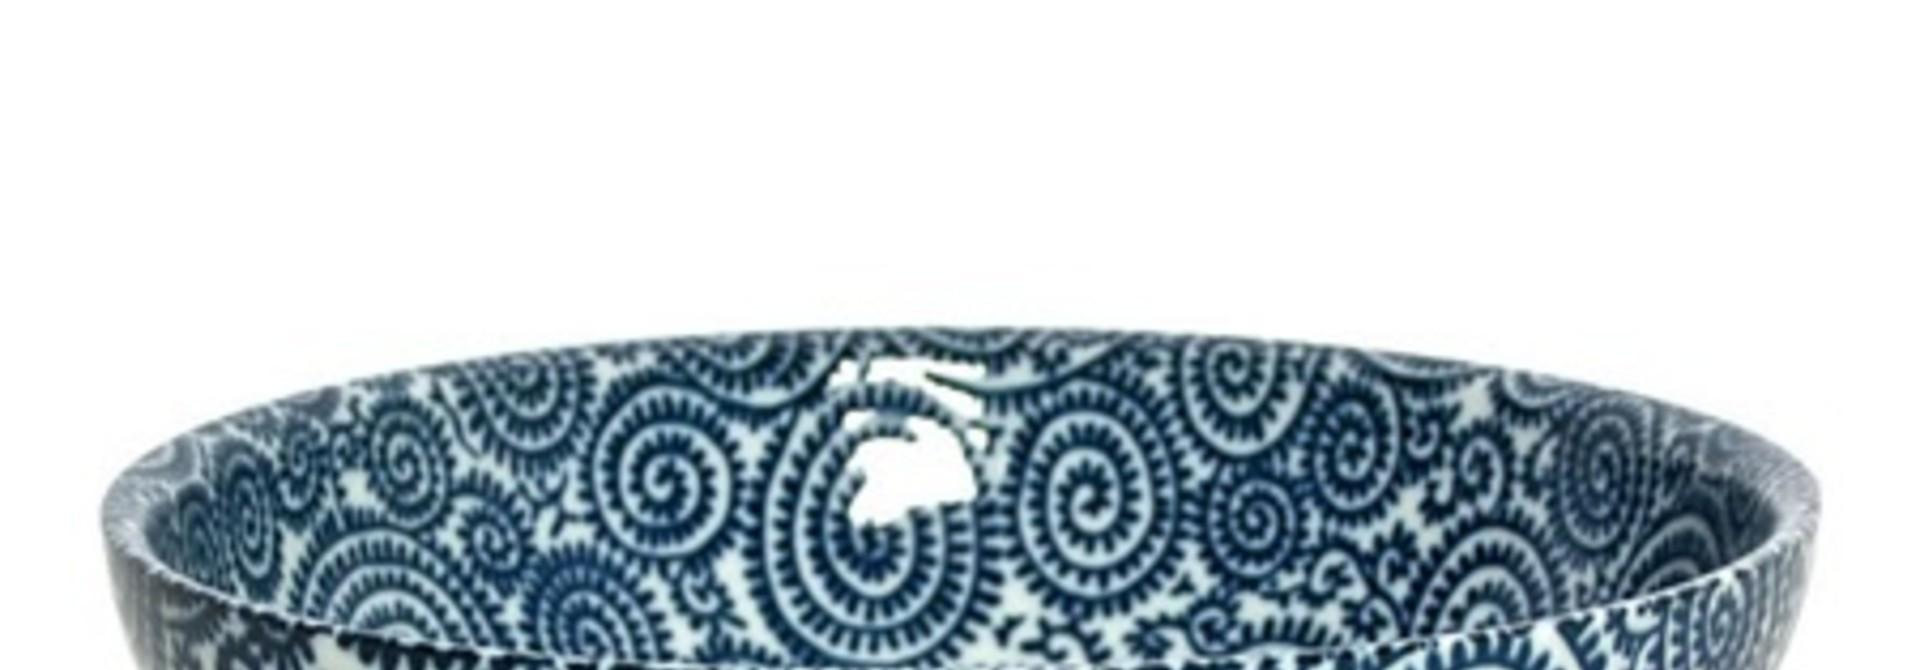 Bowl - Blue Vines